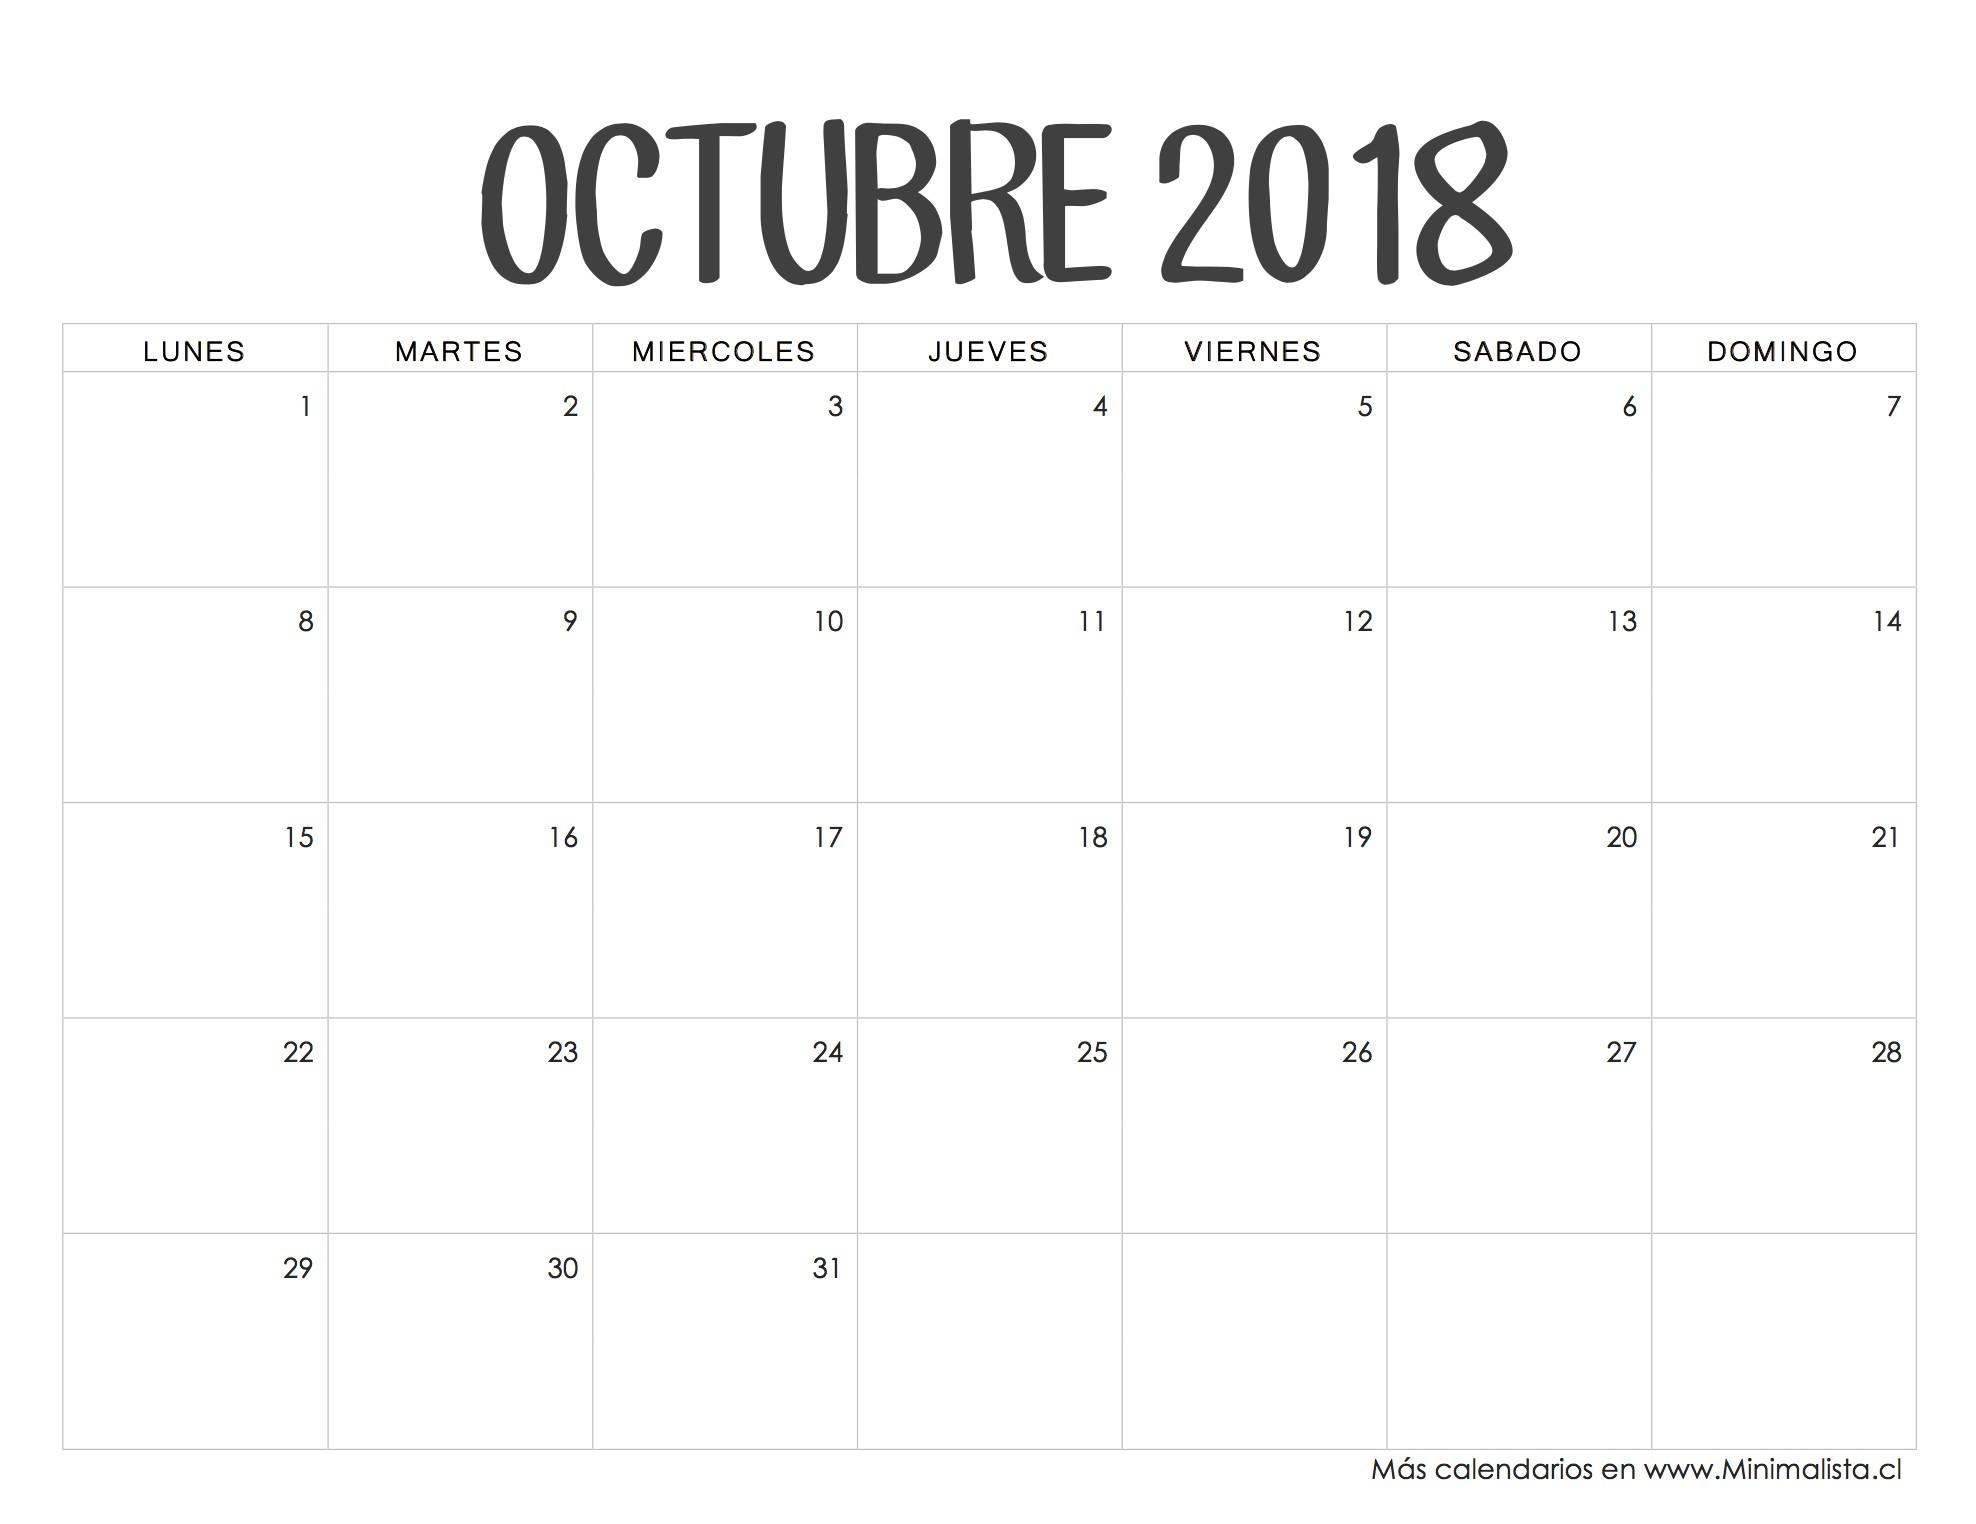 Calendario Octubre 2018 organizarme